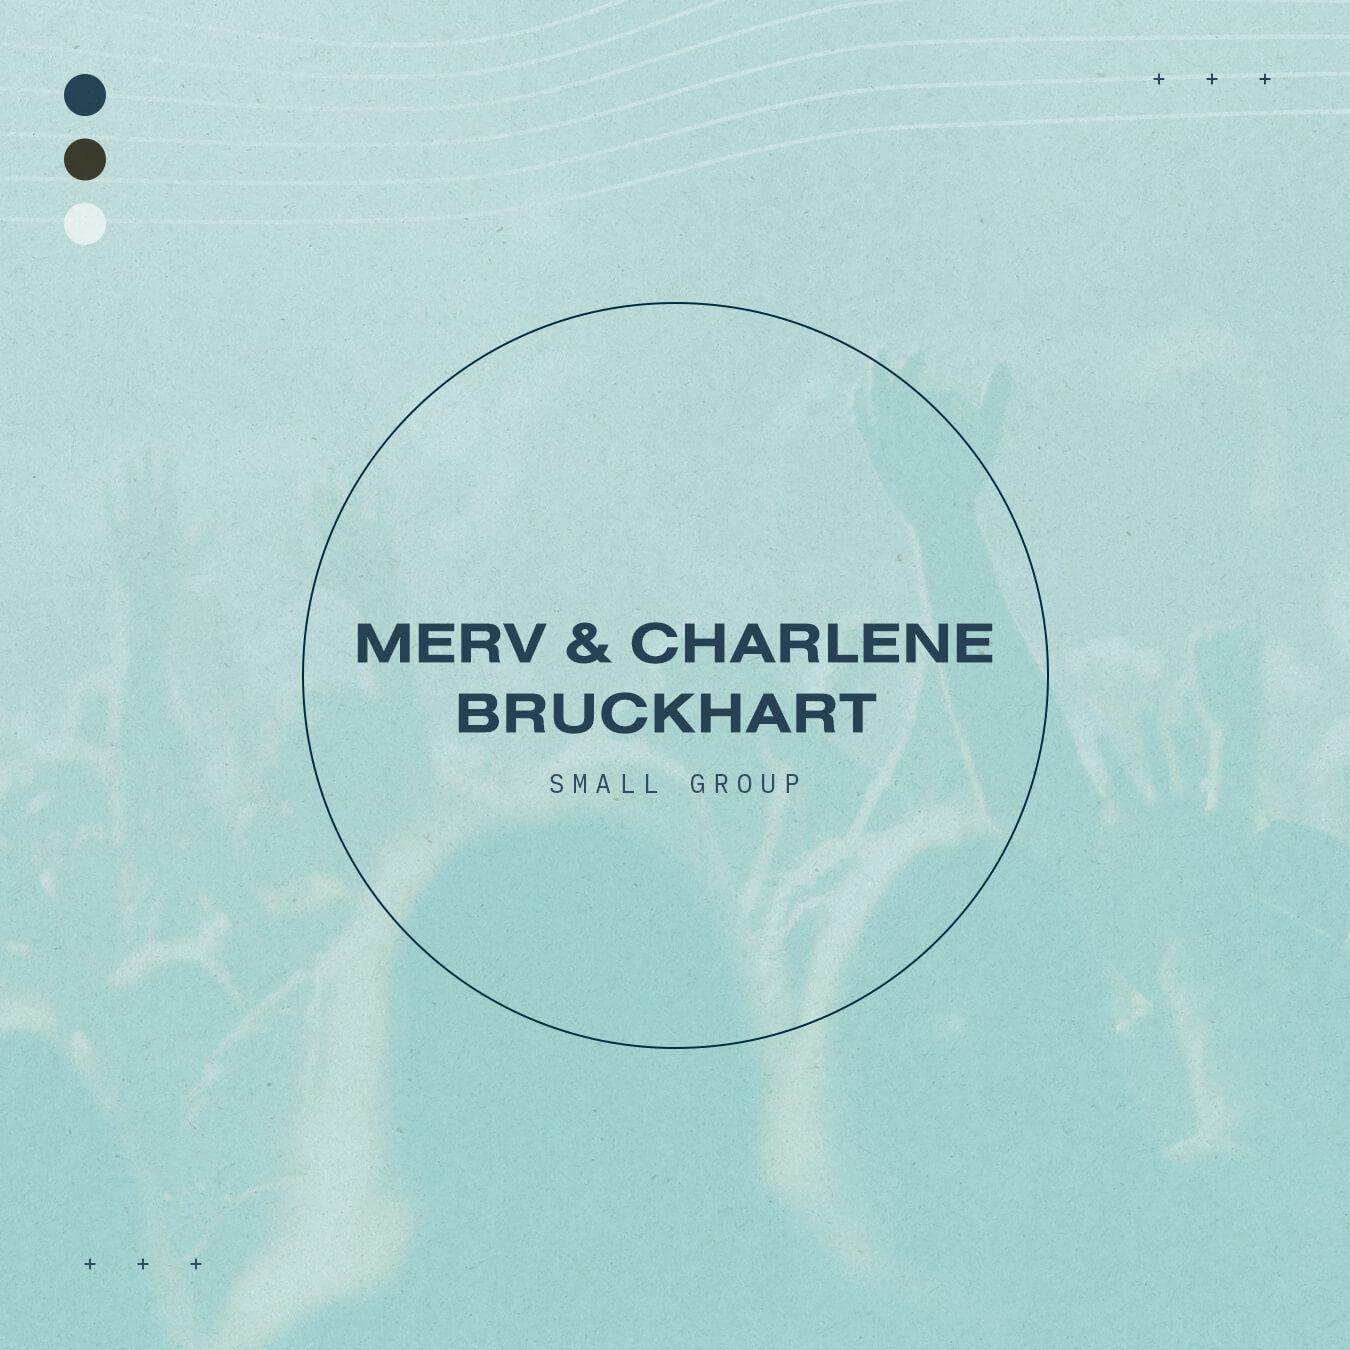 Merv & Charlene Bruckhart - Small Group